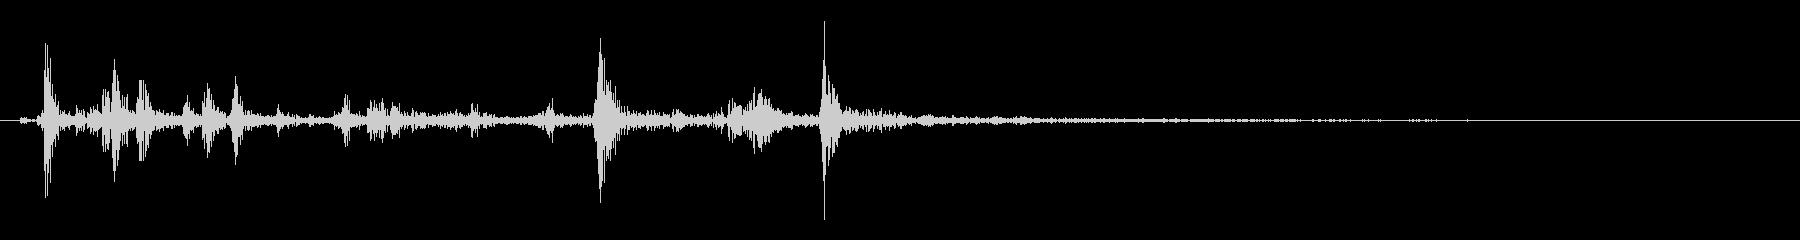 【生録音】かじる音 噛む カリッ 再現音の未再生の波形